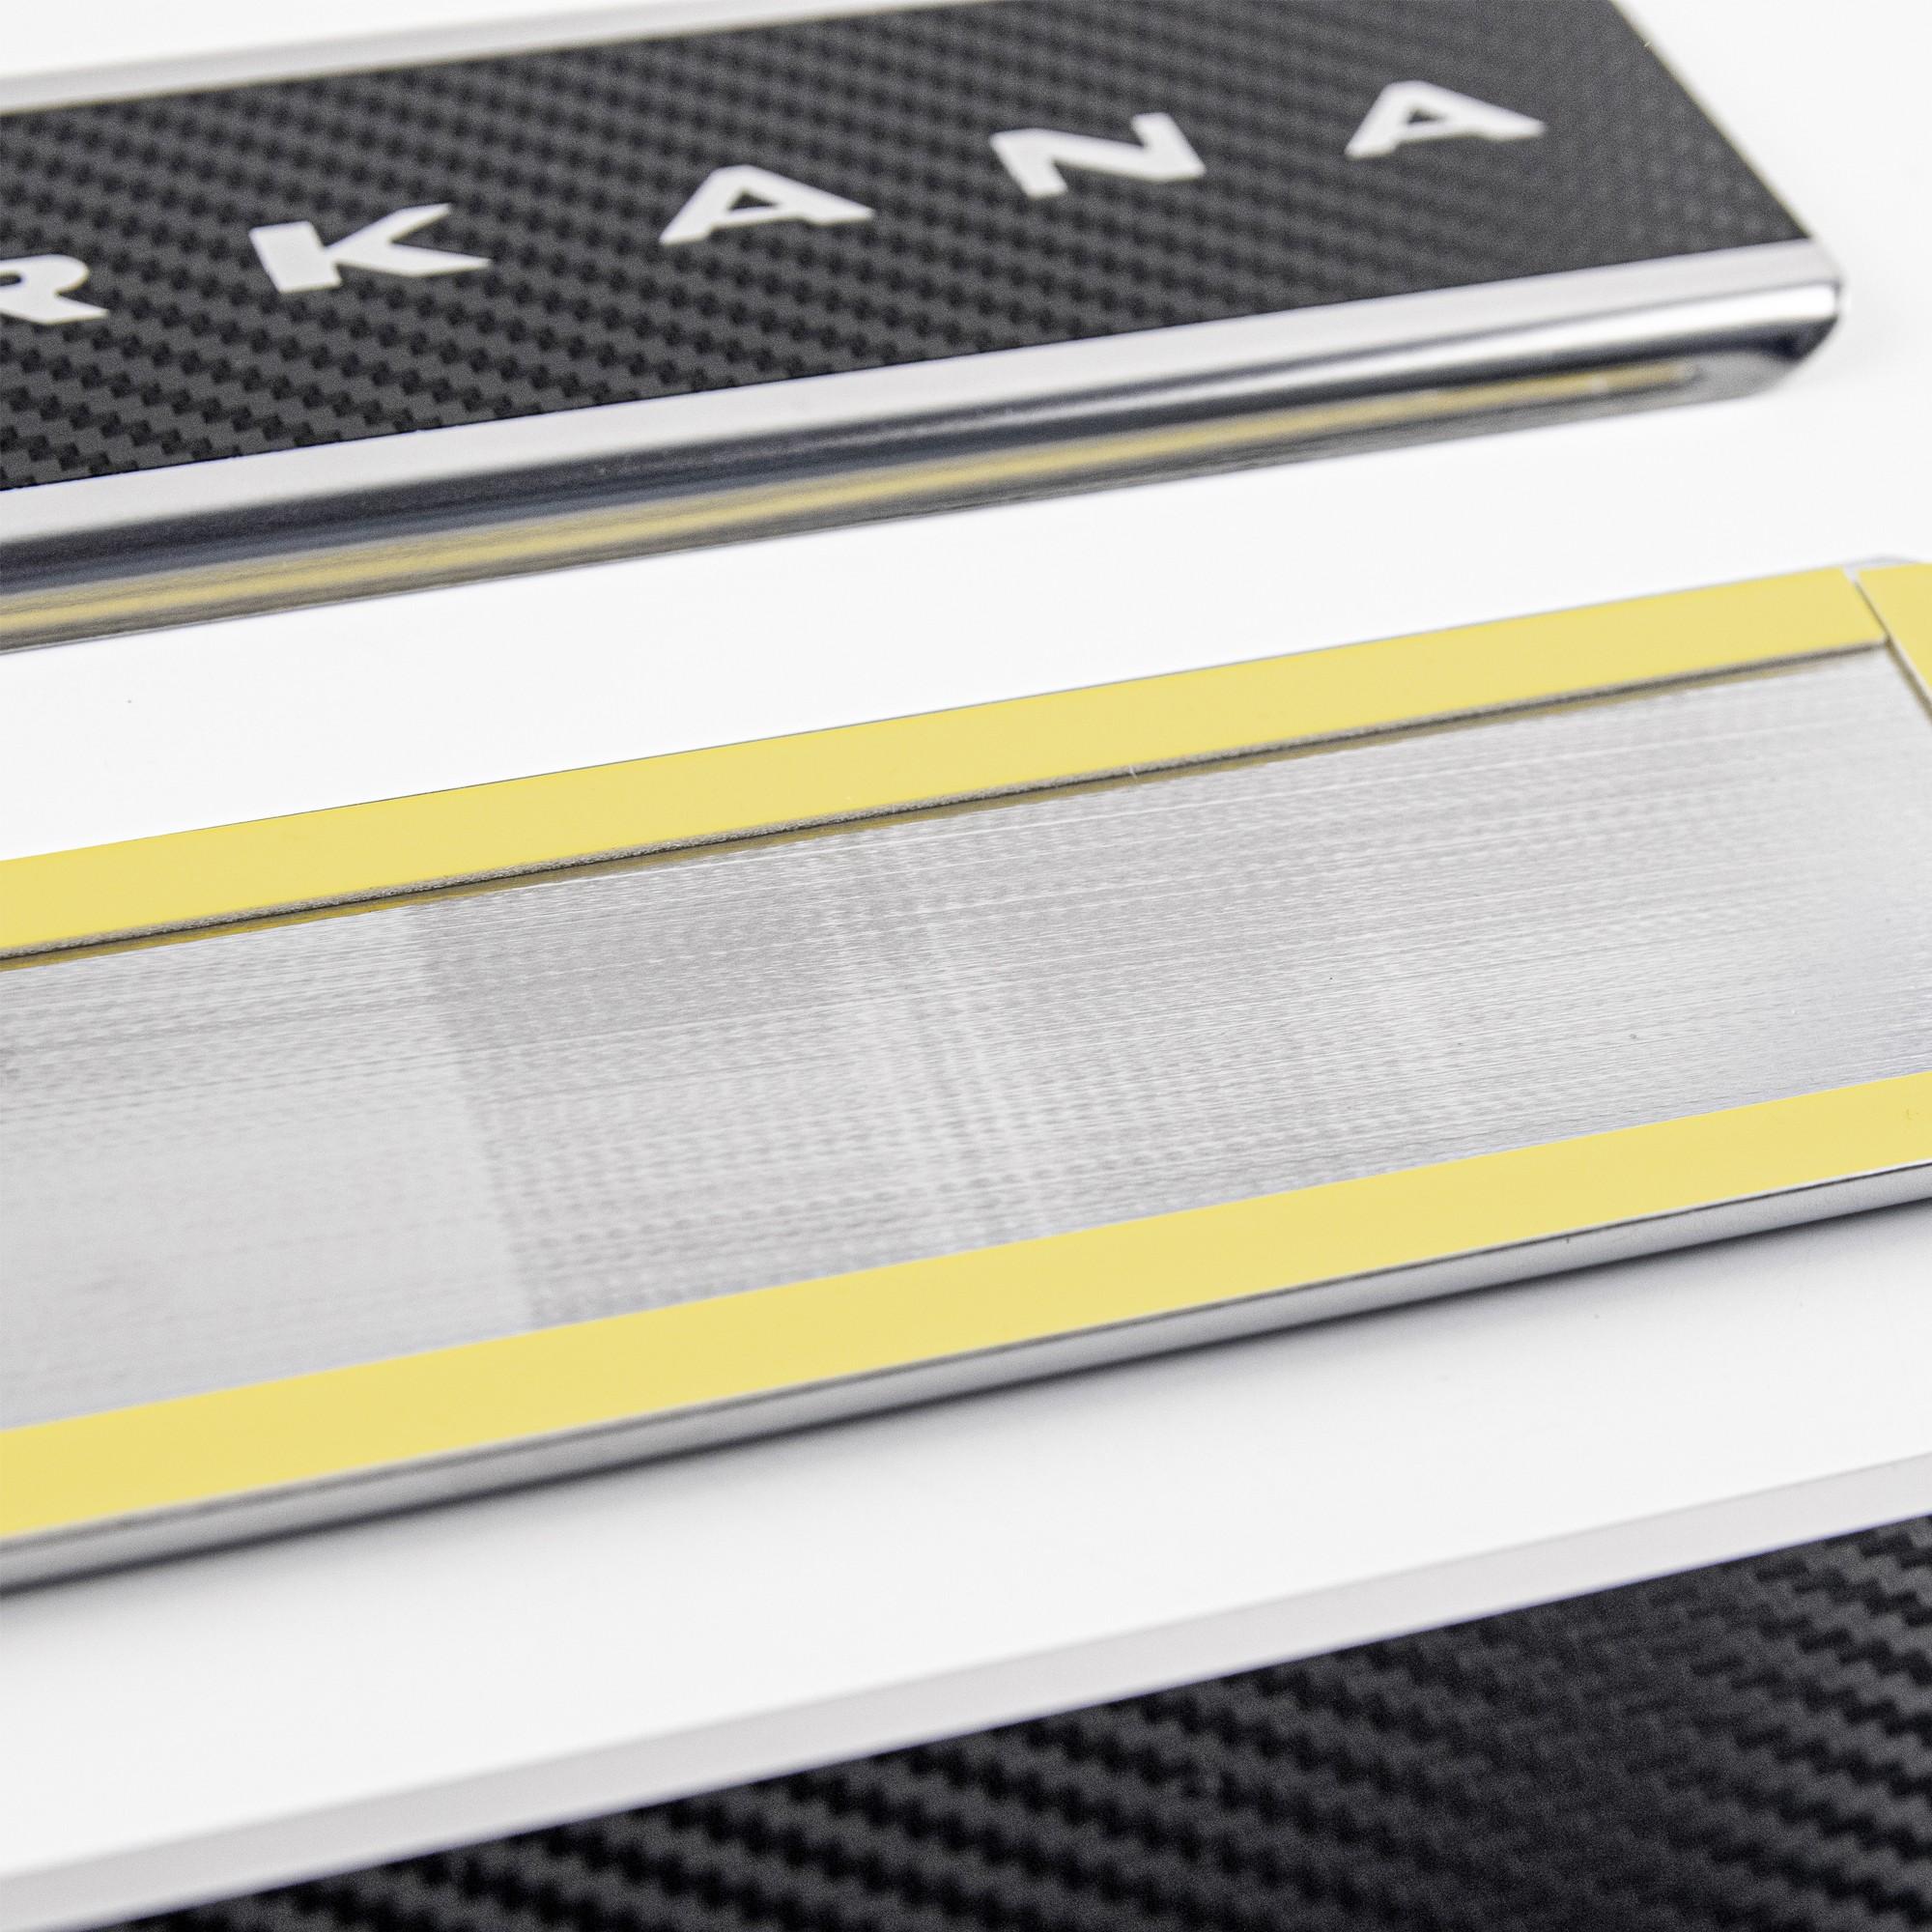 Накладки на пороги в проем дверей (нержавейка с карбоном) для Renault Arkana3